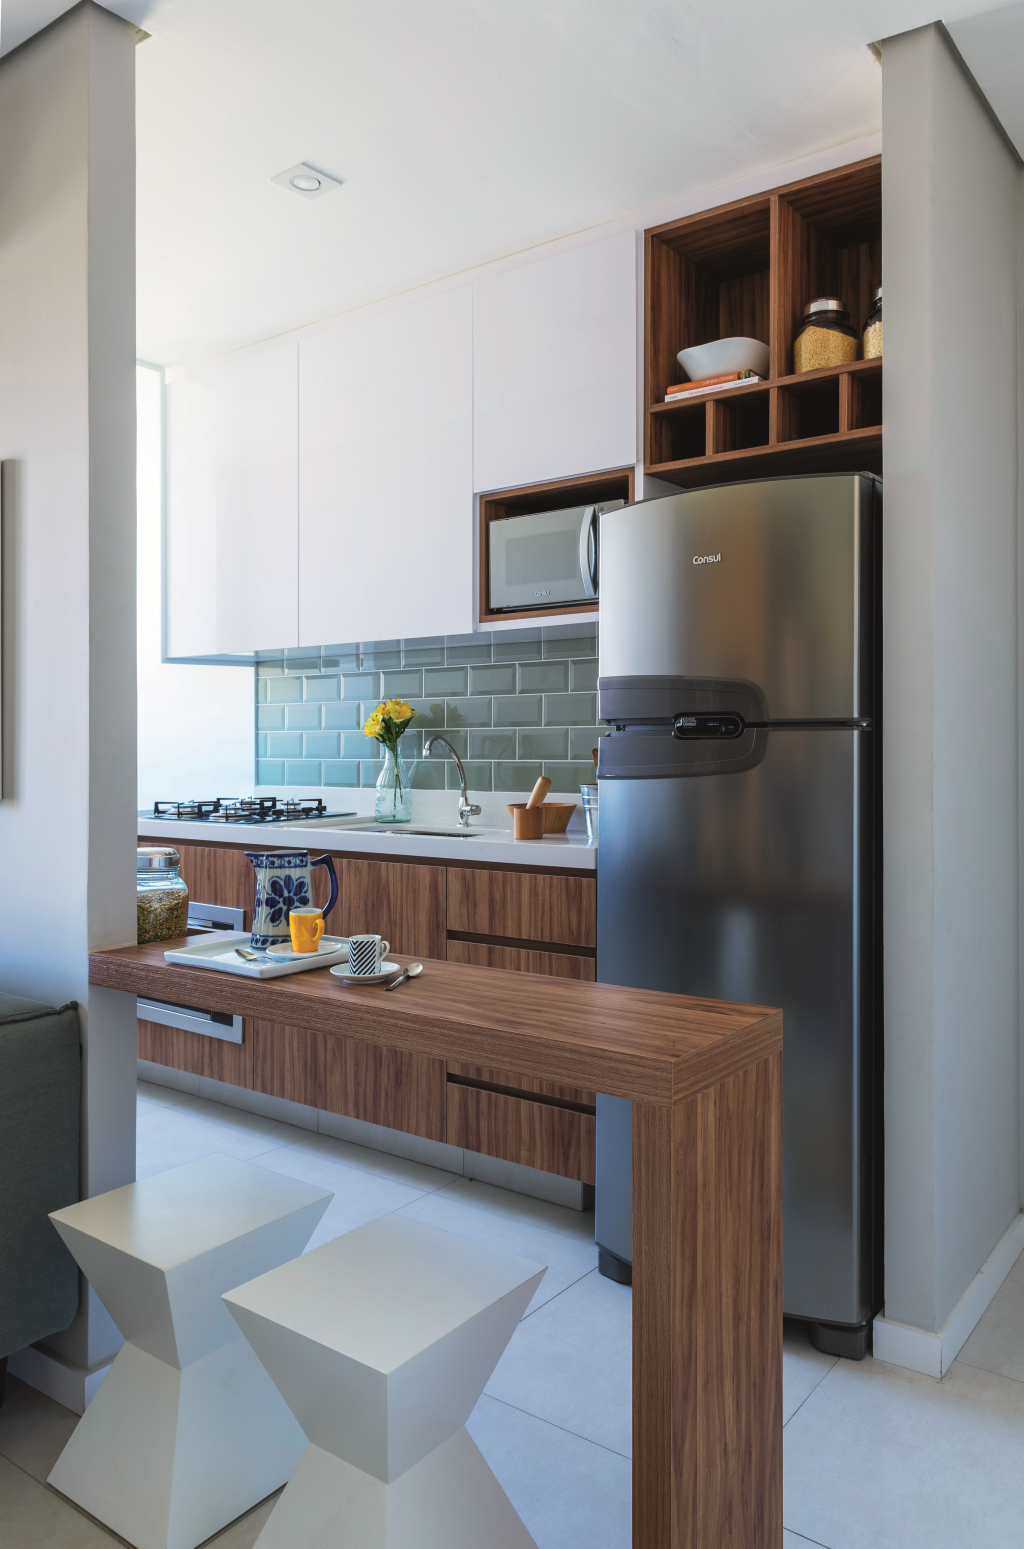 Apartamento pequeno 45 m decorados com charme e estilo for Diseno de interiores apartamentos pequenos